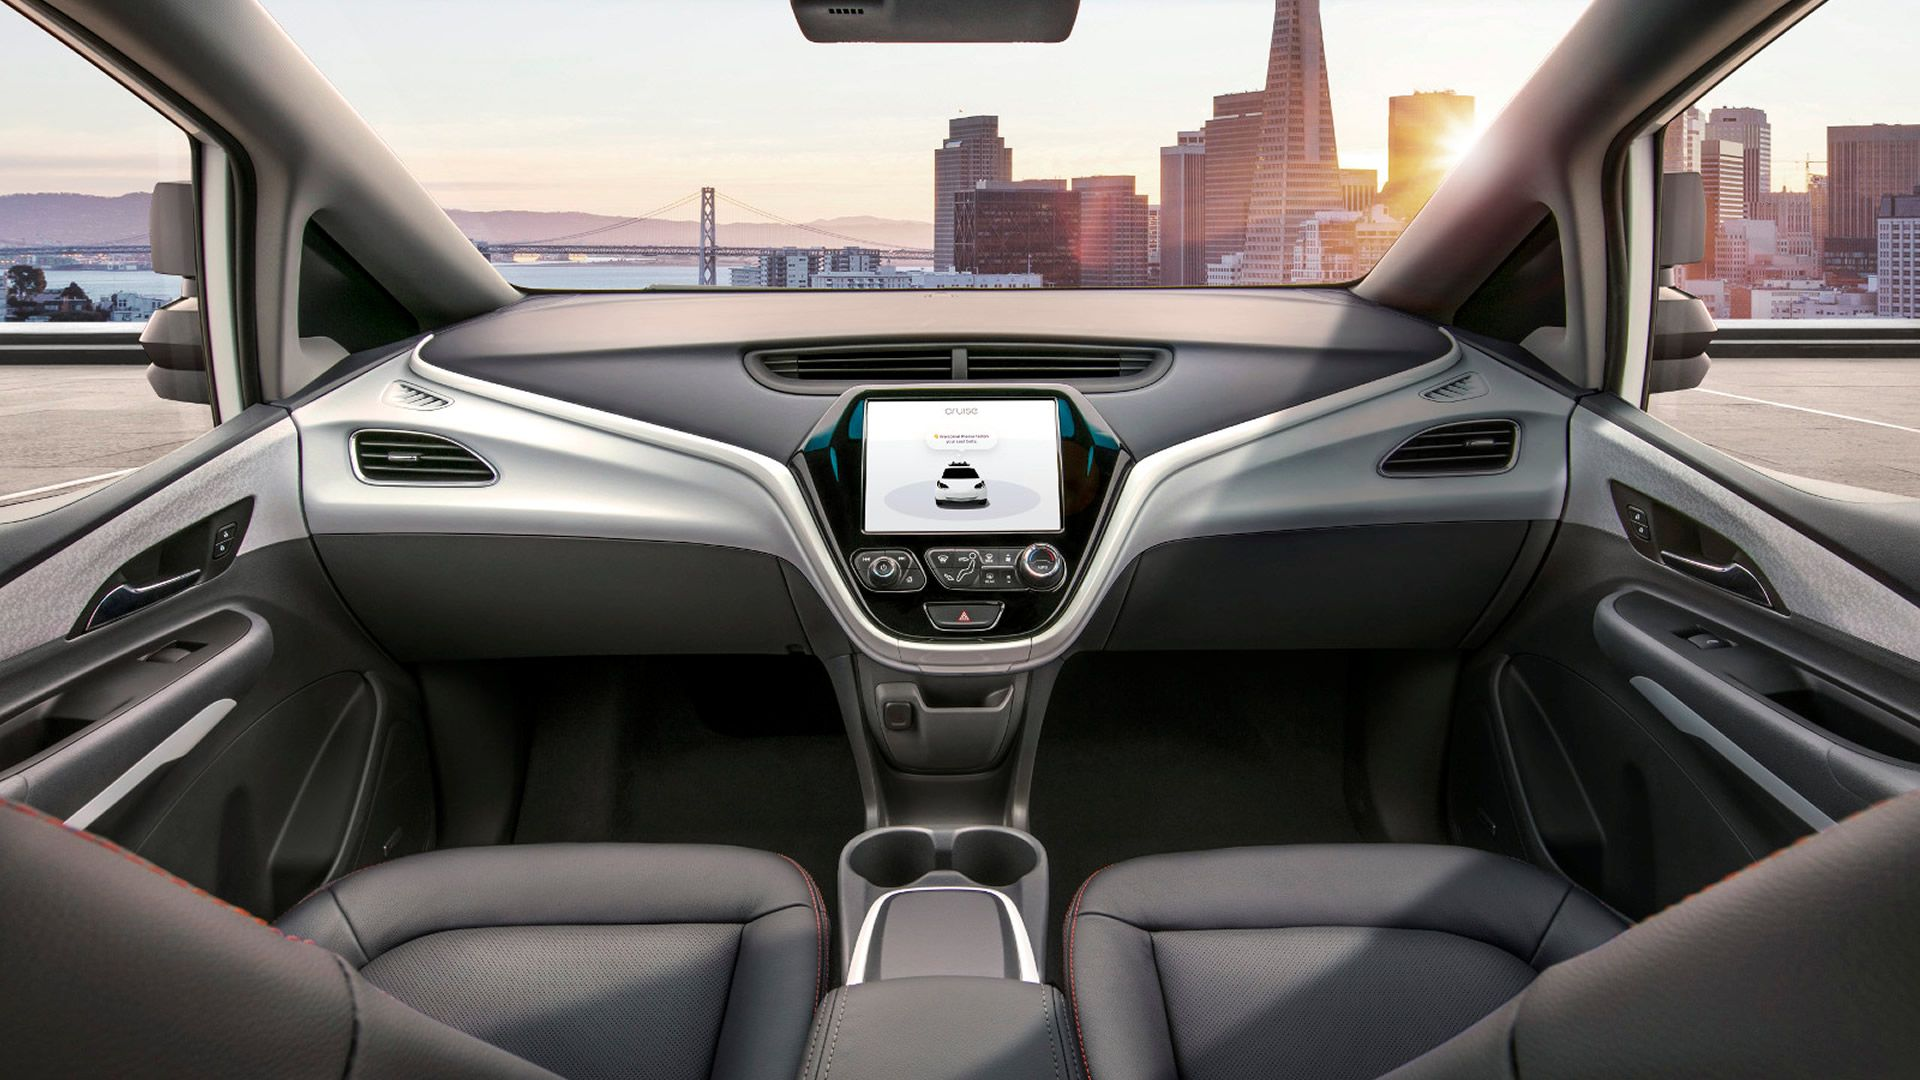 El nuevo automóvil de GM no tiene volante